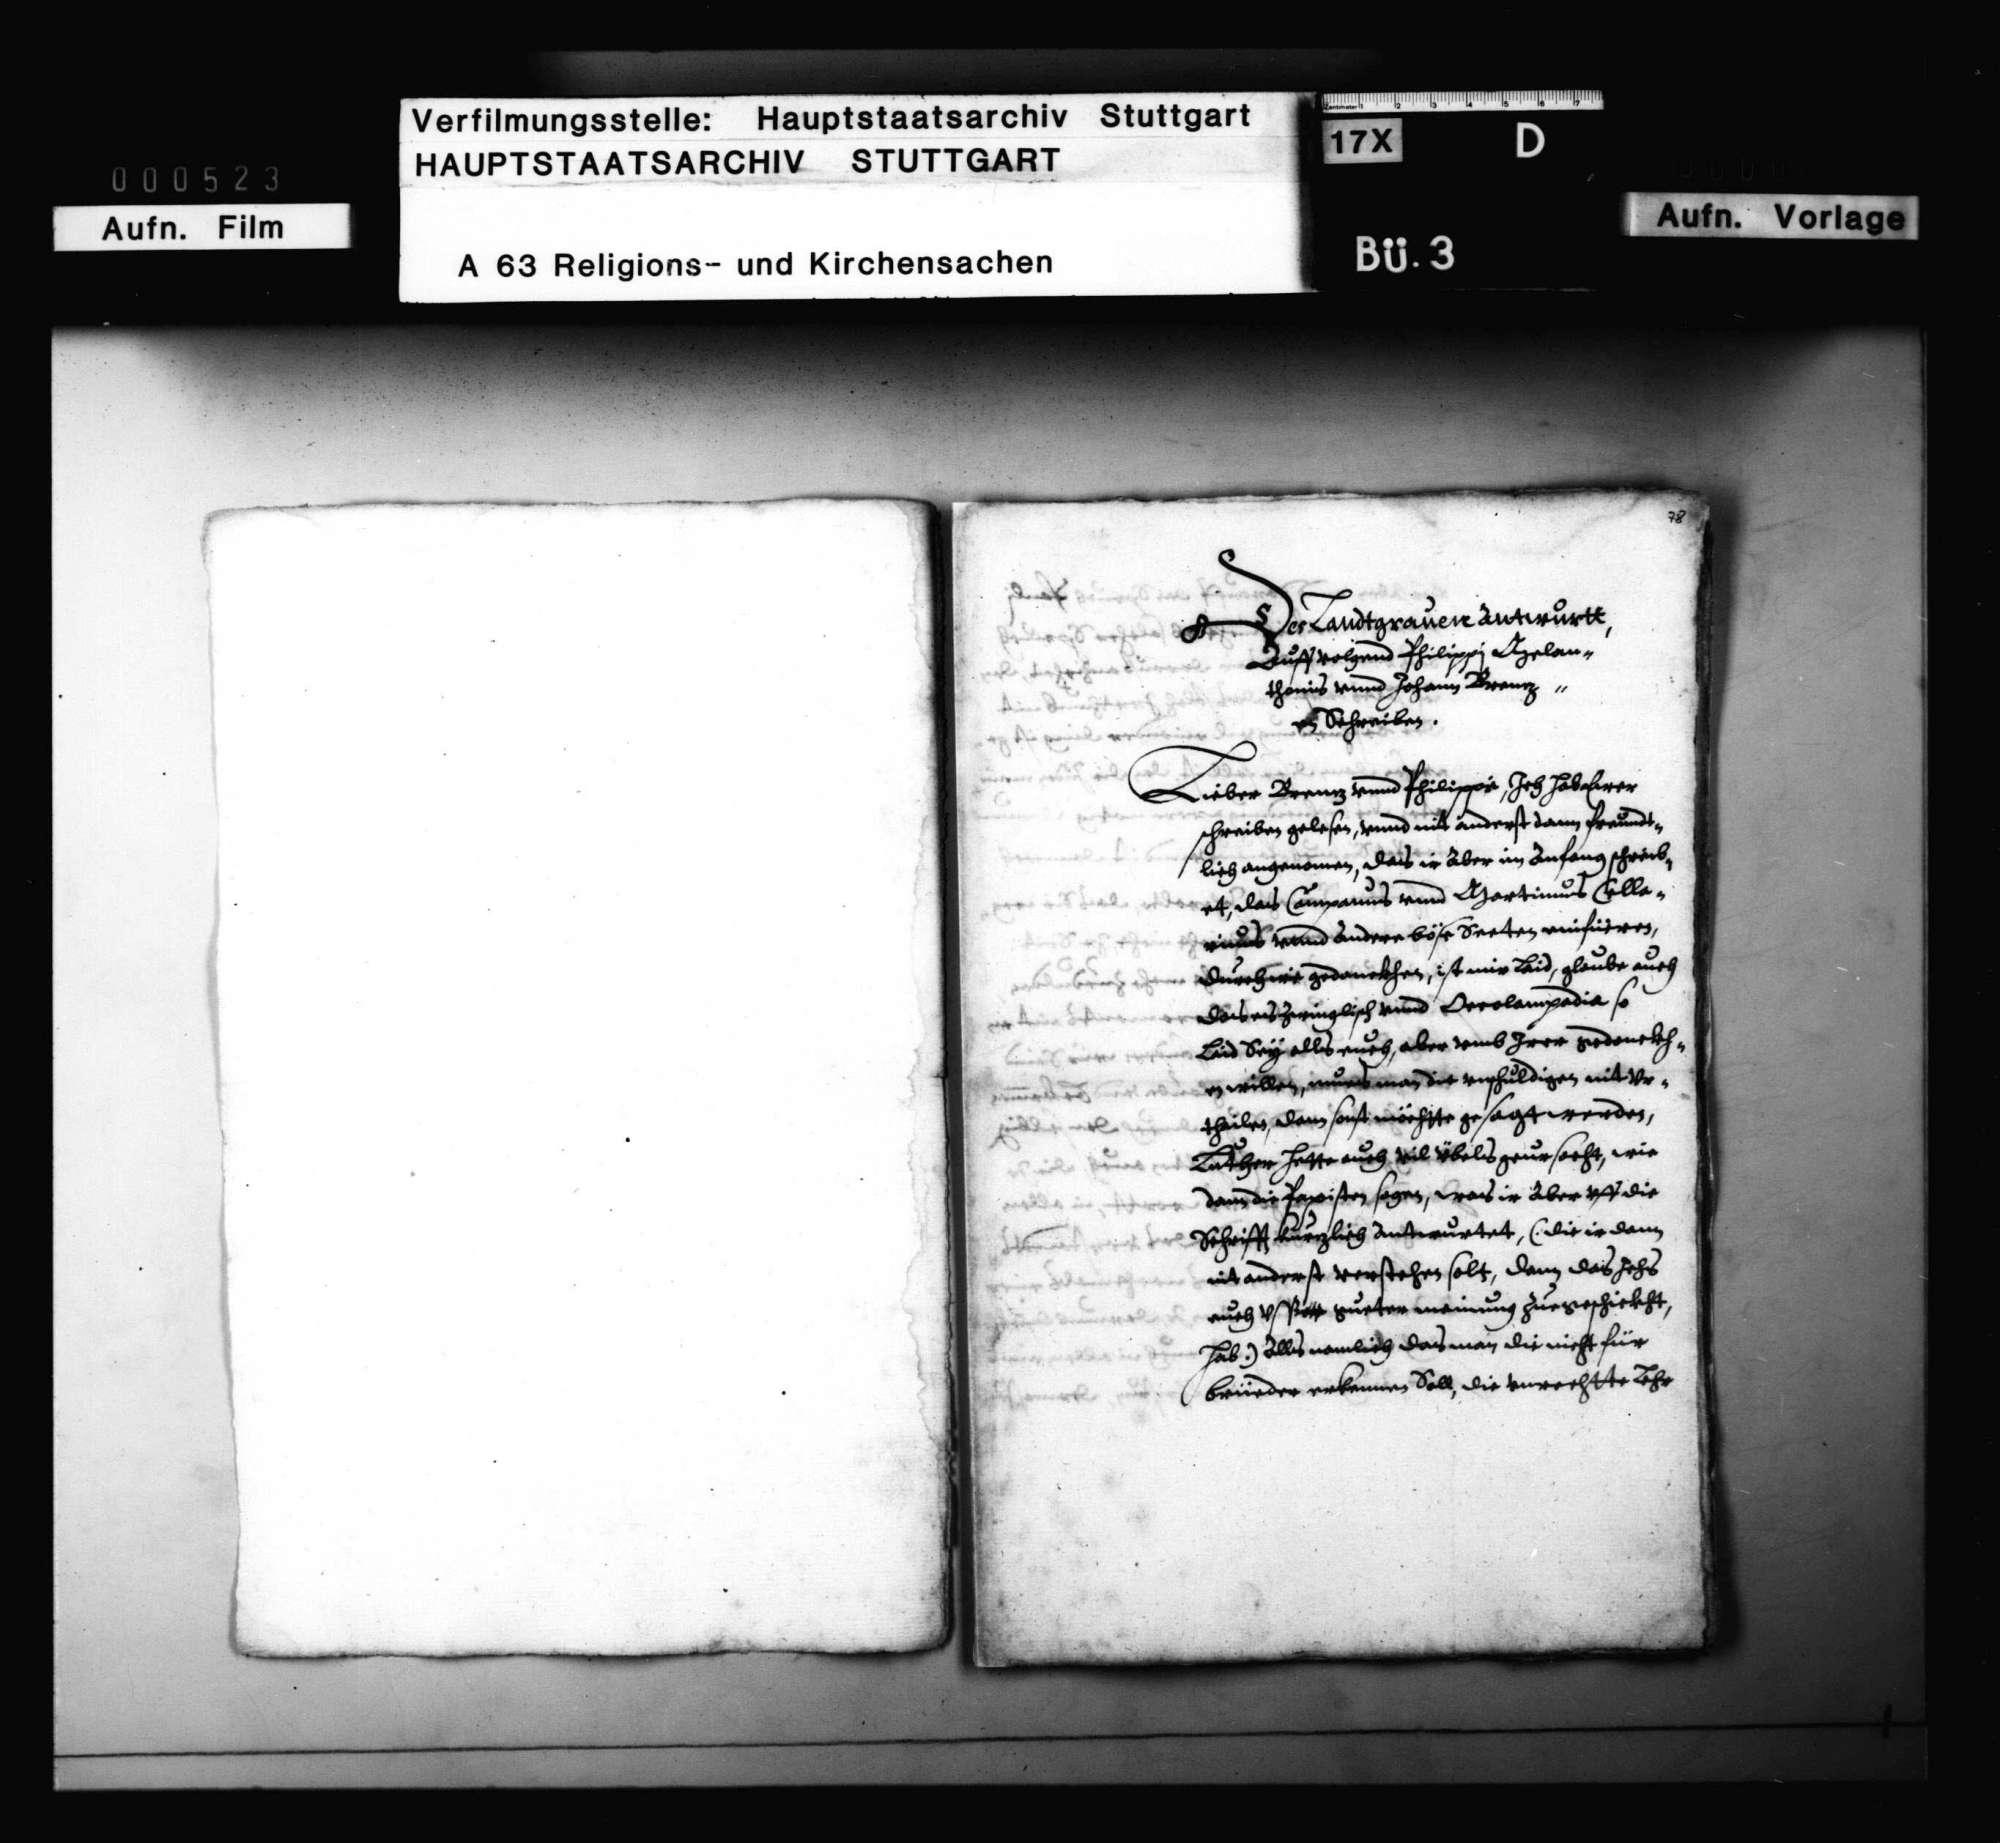 Briefwechsel zwischen Melanchthon, Brenz, Philipp von Hessen, betreffend die Union von Lutheranern und Reformierten, Bild 2